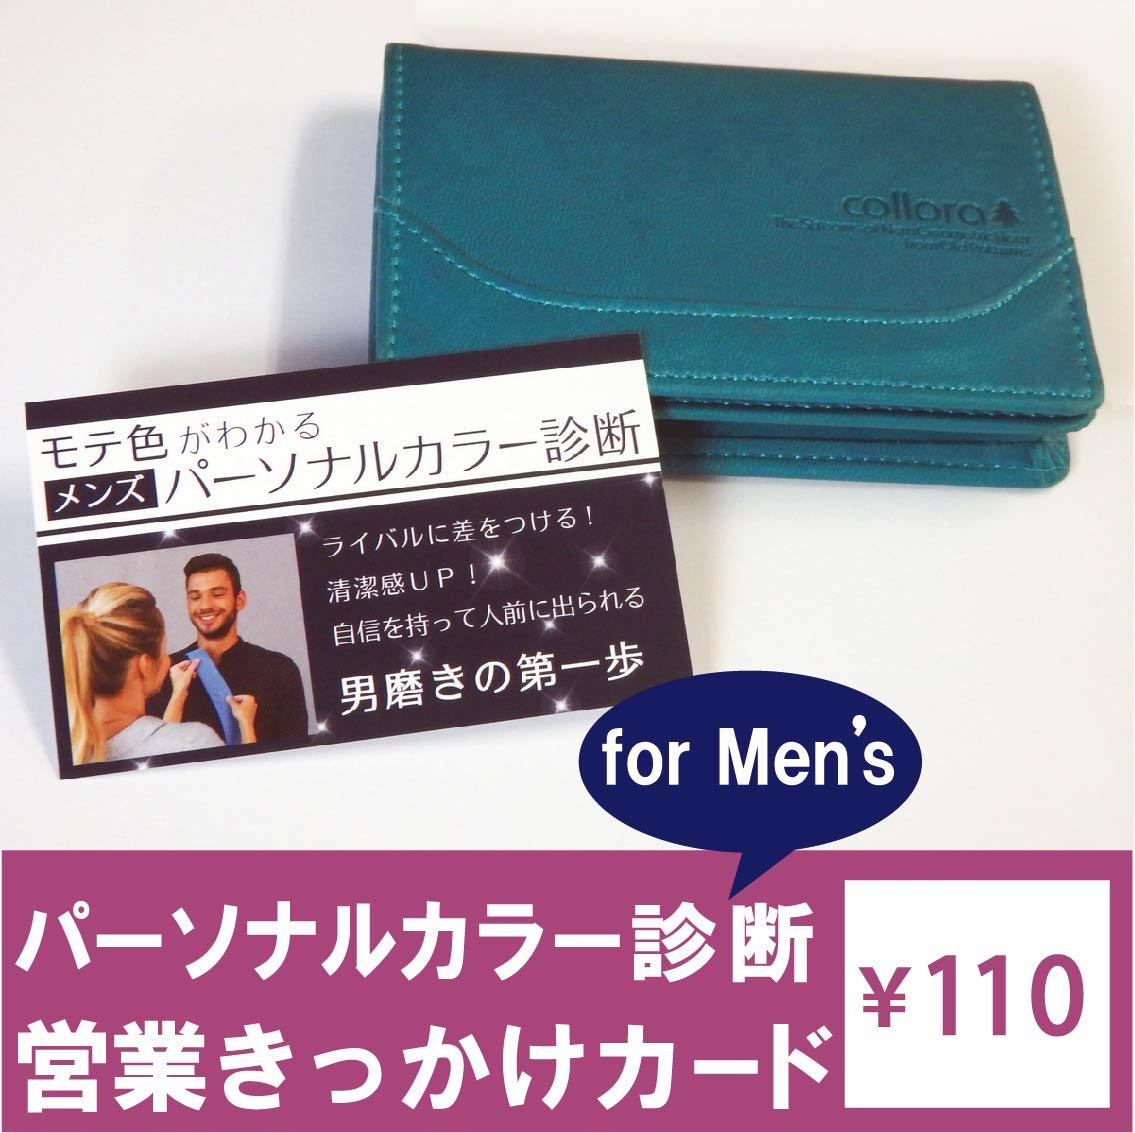 名刺サイズお渡しツール:メンズ営業きっかけカード